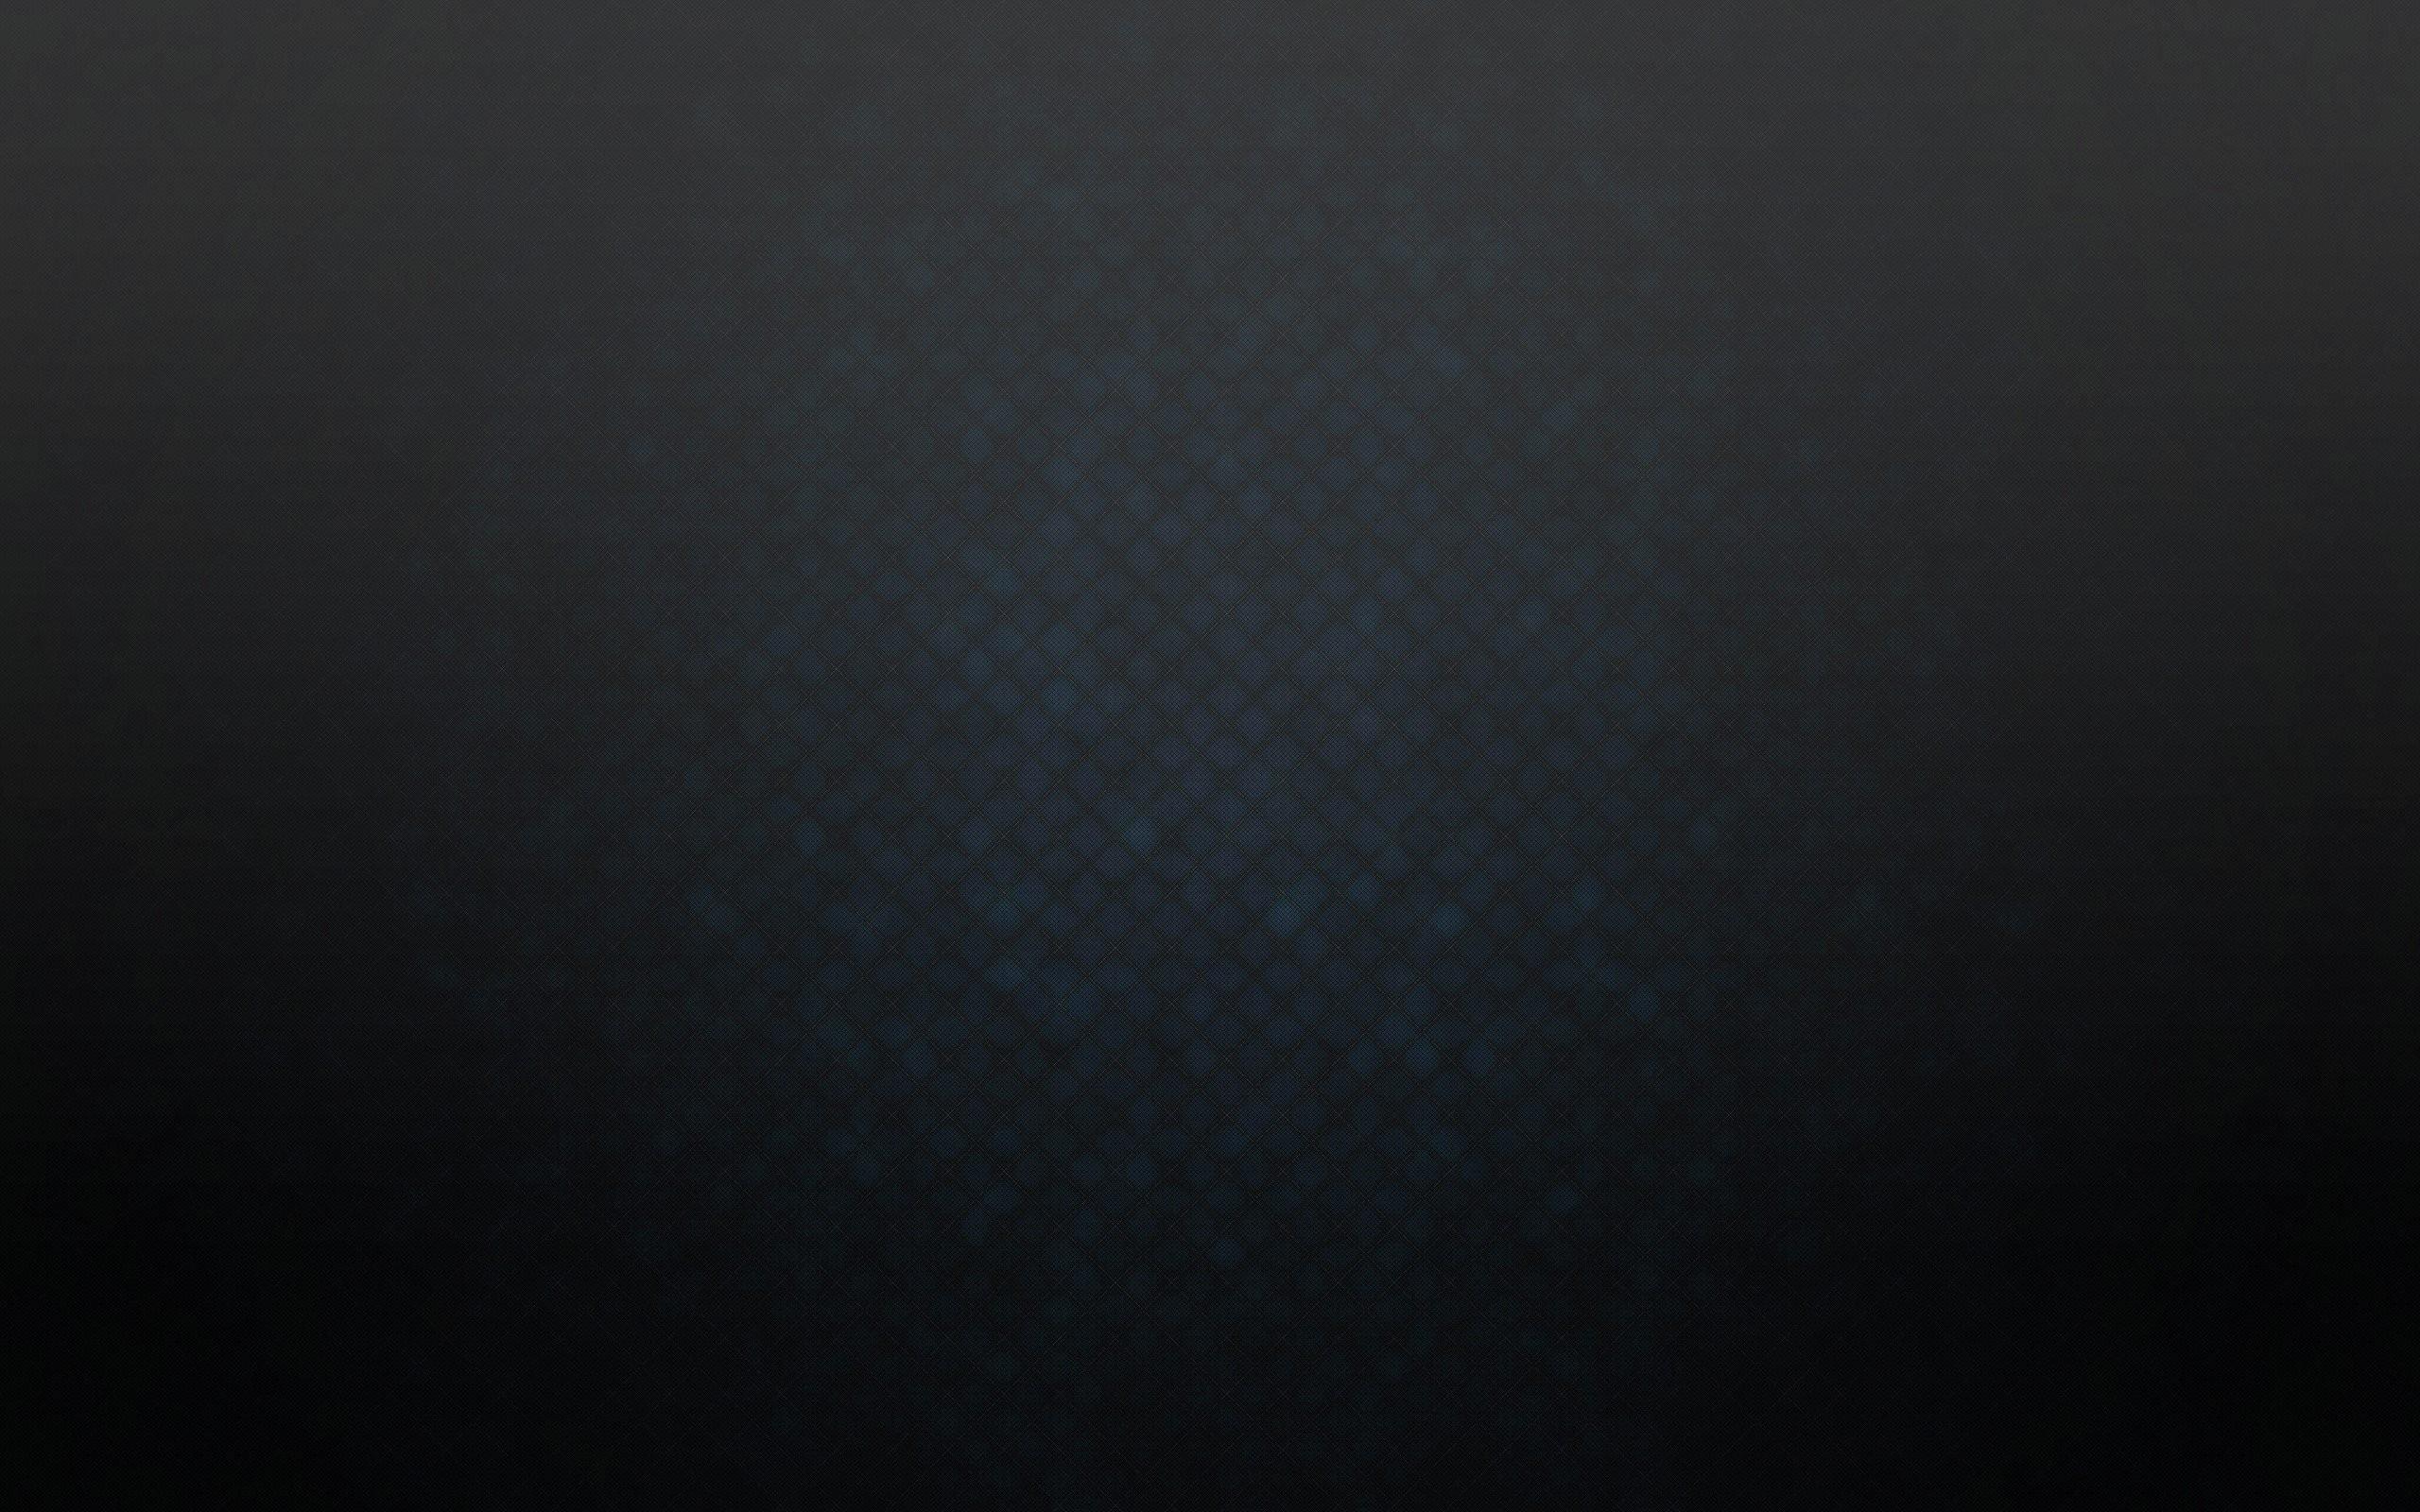 wallpaper.wiki-Dark-dark-gray-textures-PIC-WPB003480